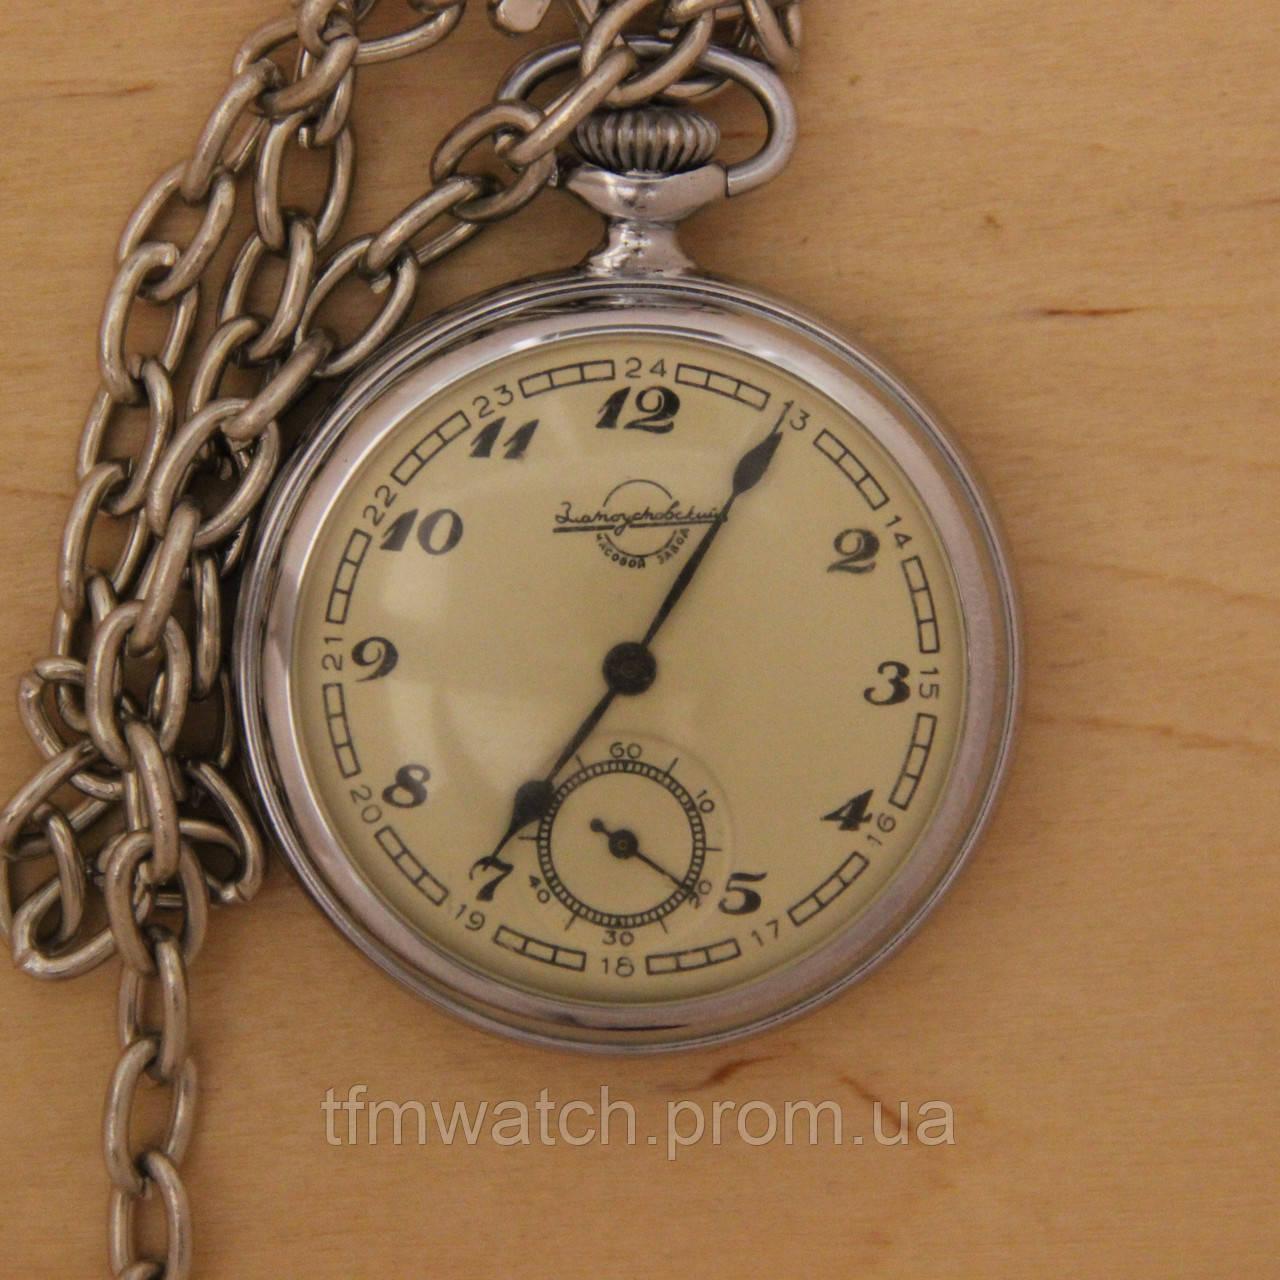 Купить часы московских часовых заводов купить часы раймонд велл набукко